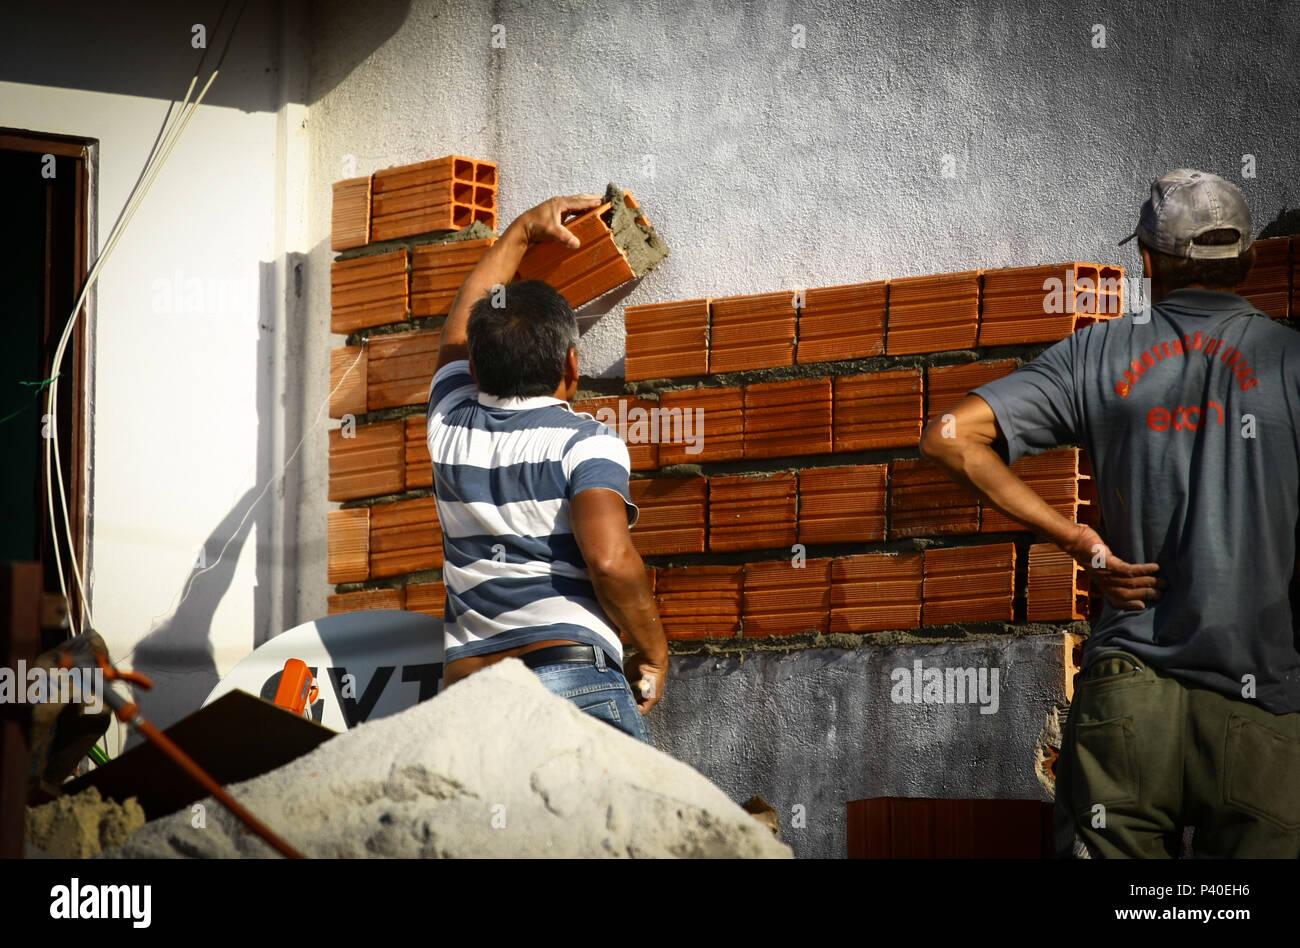 Pedreiros em construção de tijolos levantando Parede. Stockfoto